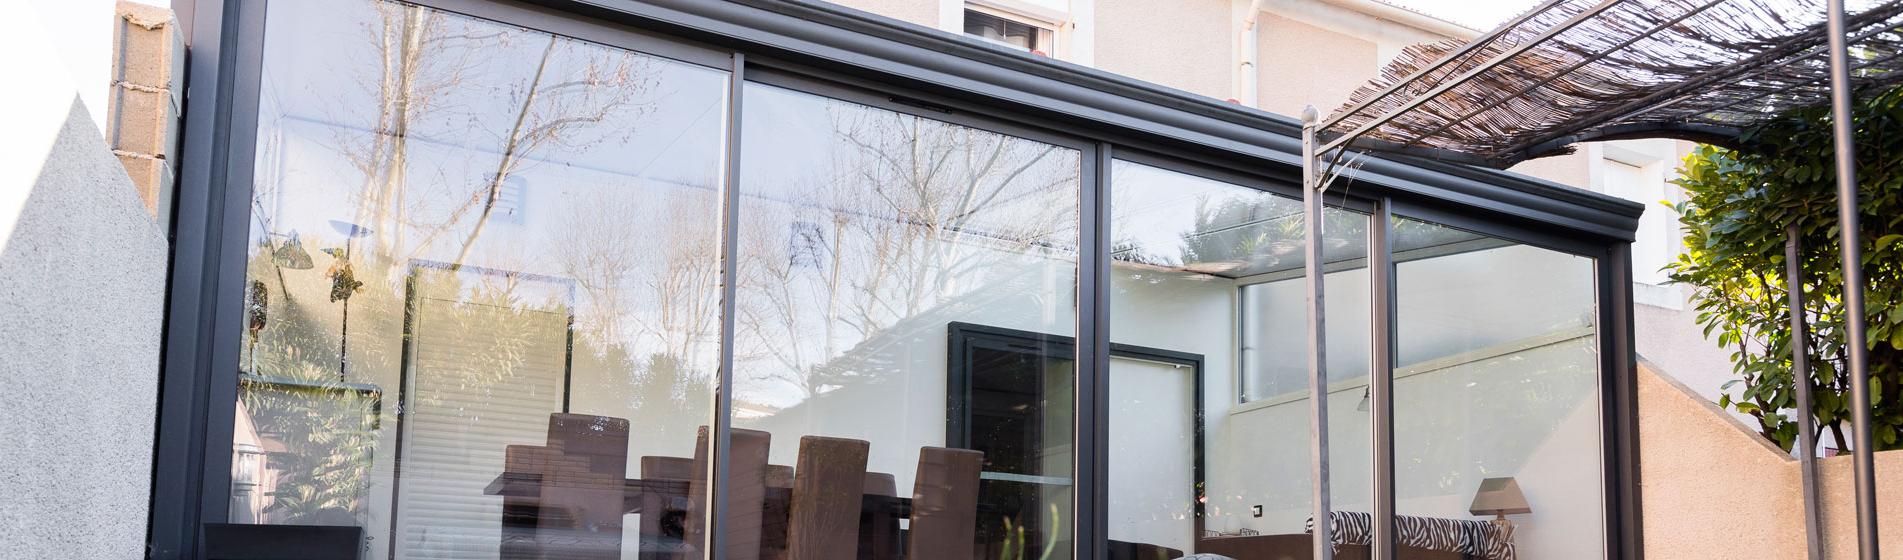 changement agrandissement maison 84 Vaucluse